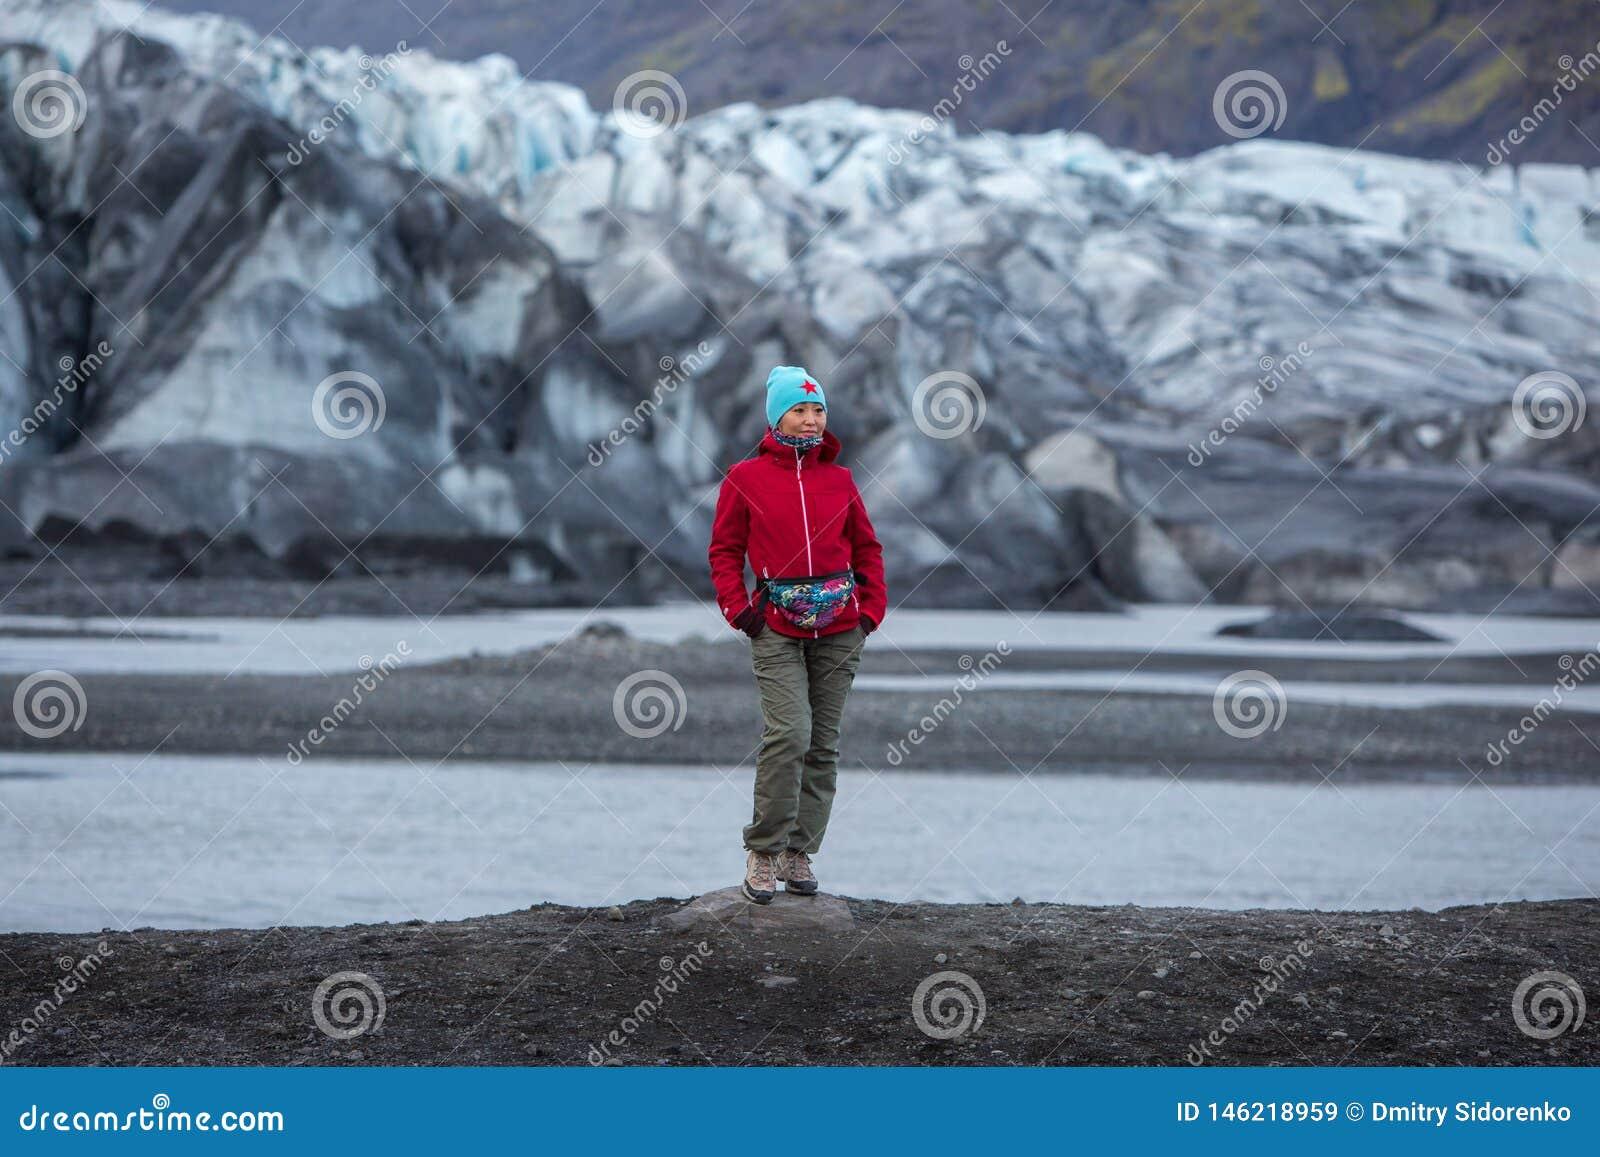 Κορίτσι στάσεις στις κόκκινες σακακιών στο υπόβαθρο ενός παγετώνα